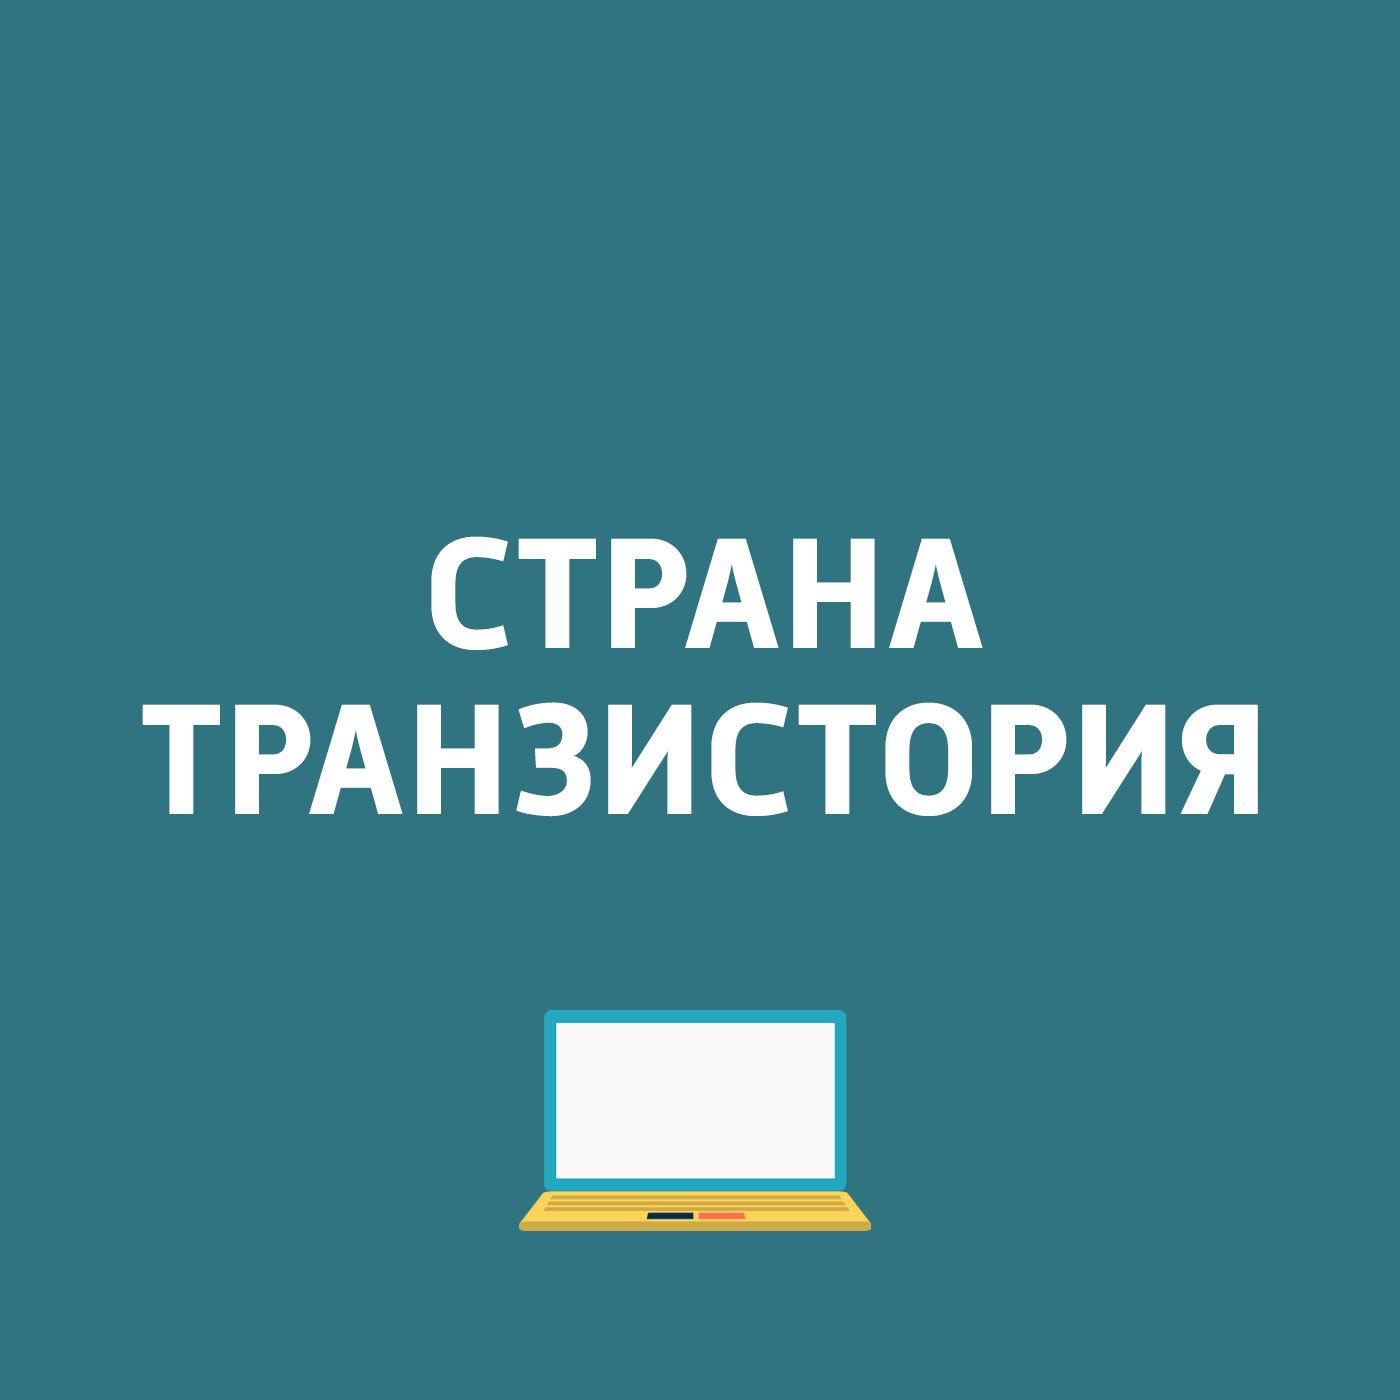 Картаев Павел В «Яндекс.Маркет» добавили возможность оплаты товаров картой... умные часы huawei mercury g01 watch active